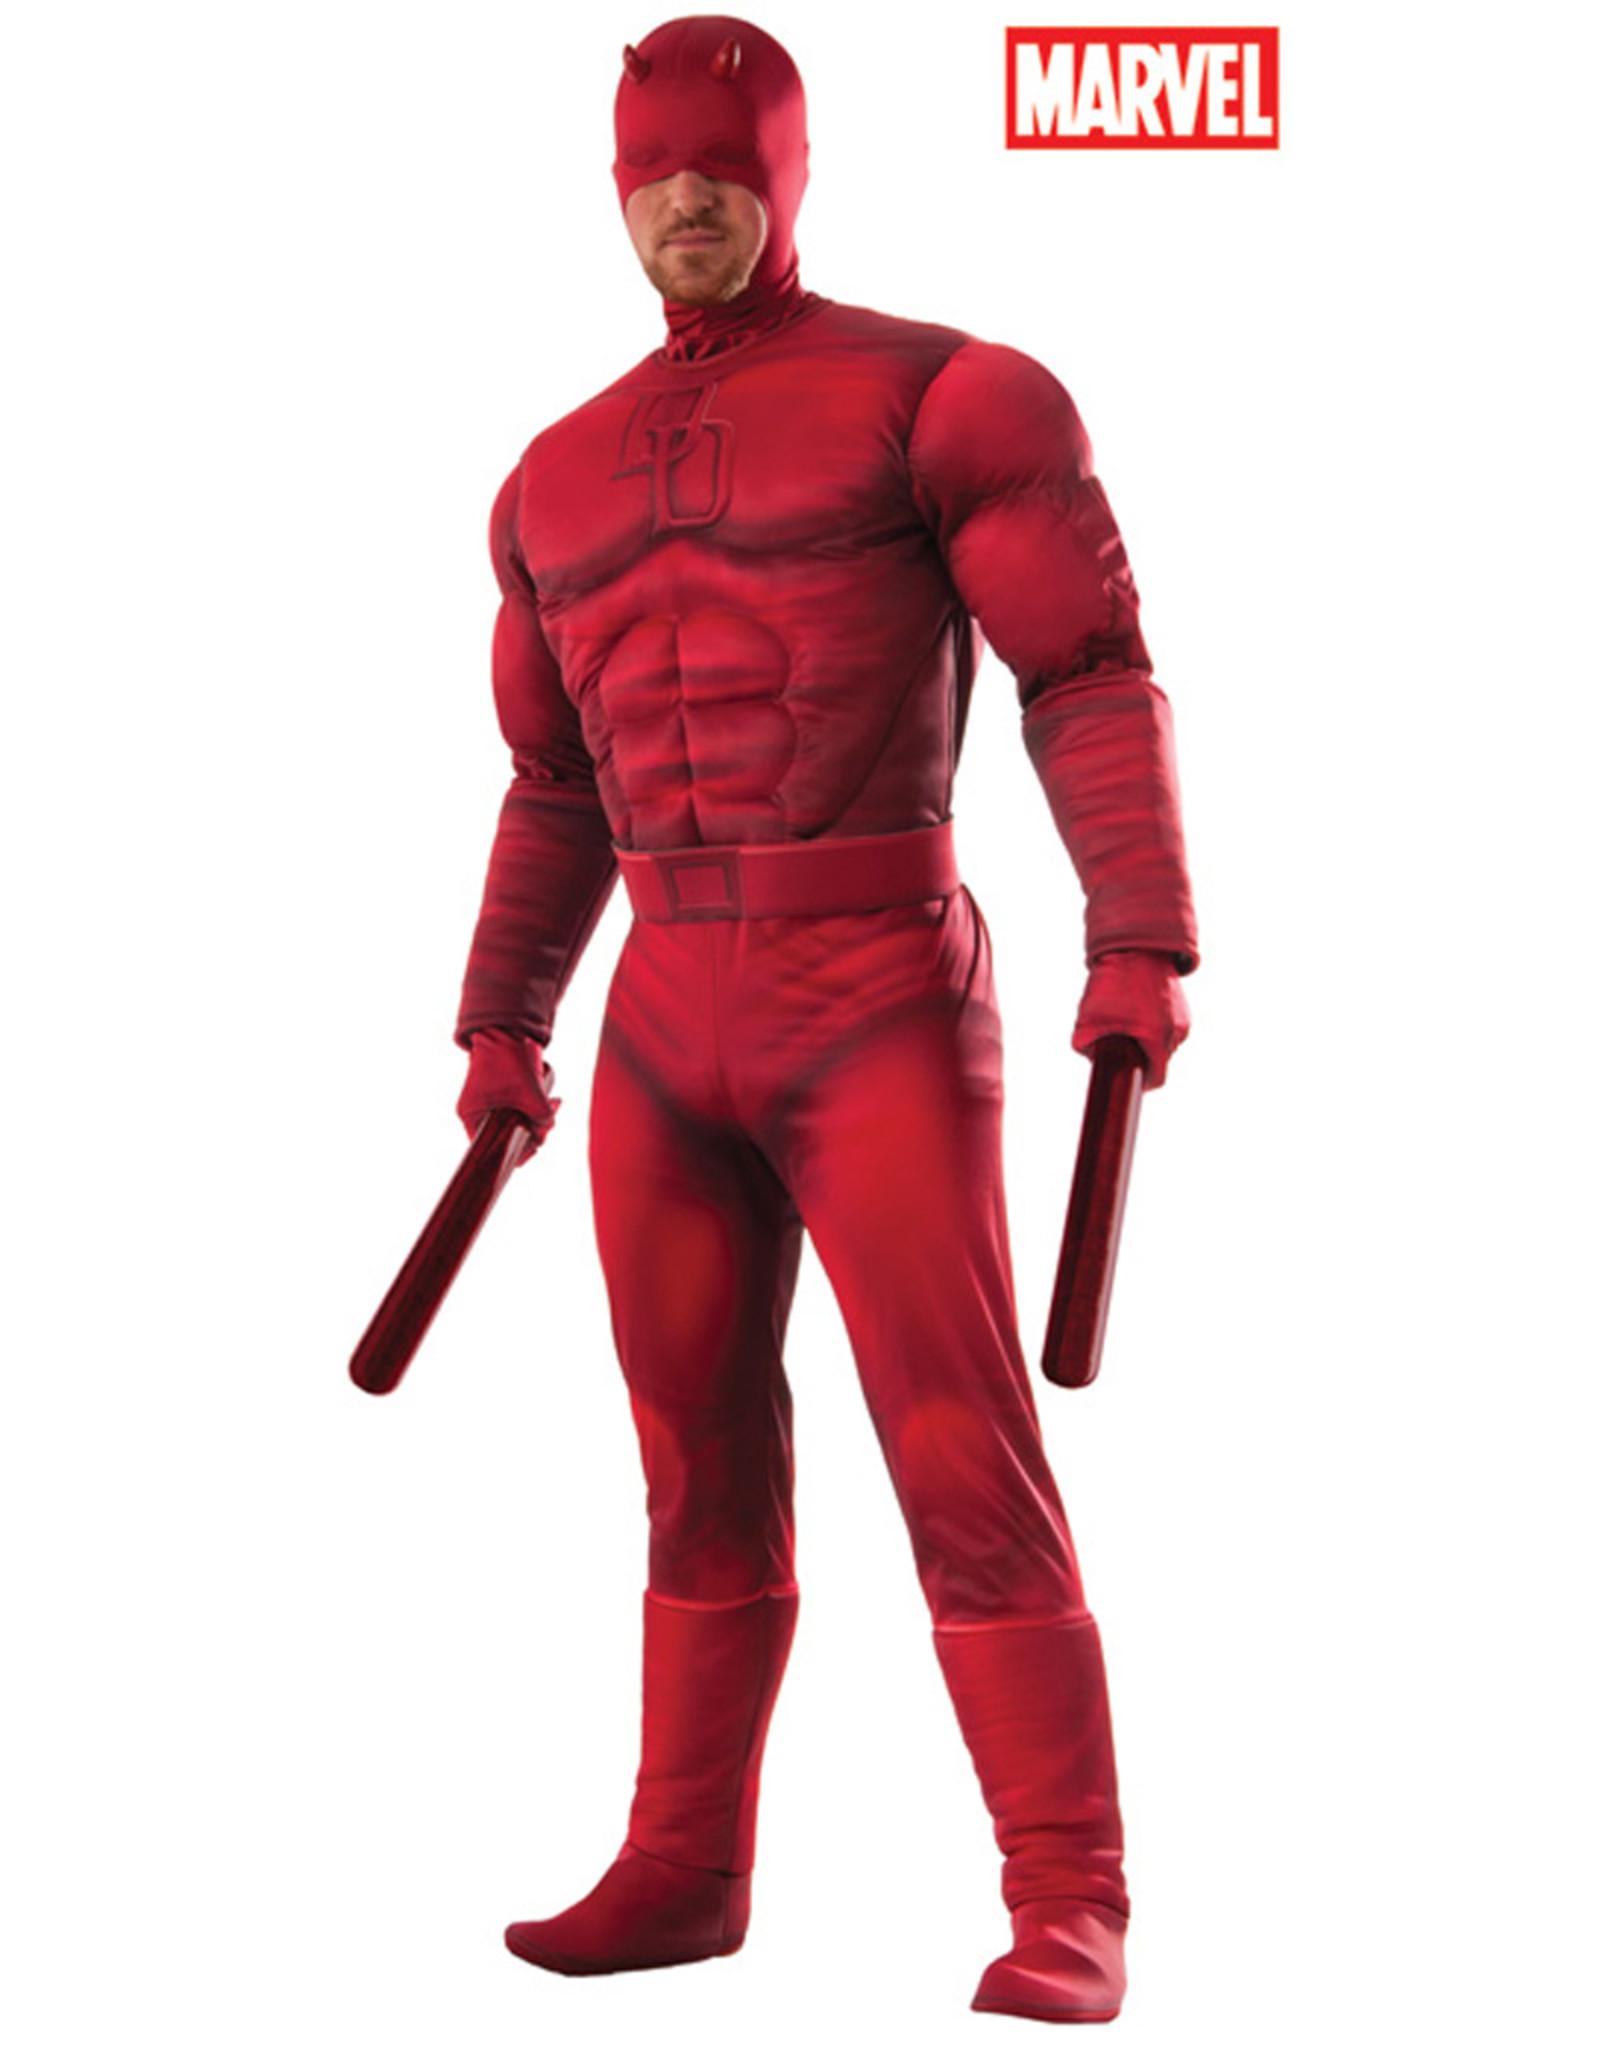 Daredevil Costume - Men's